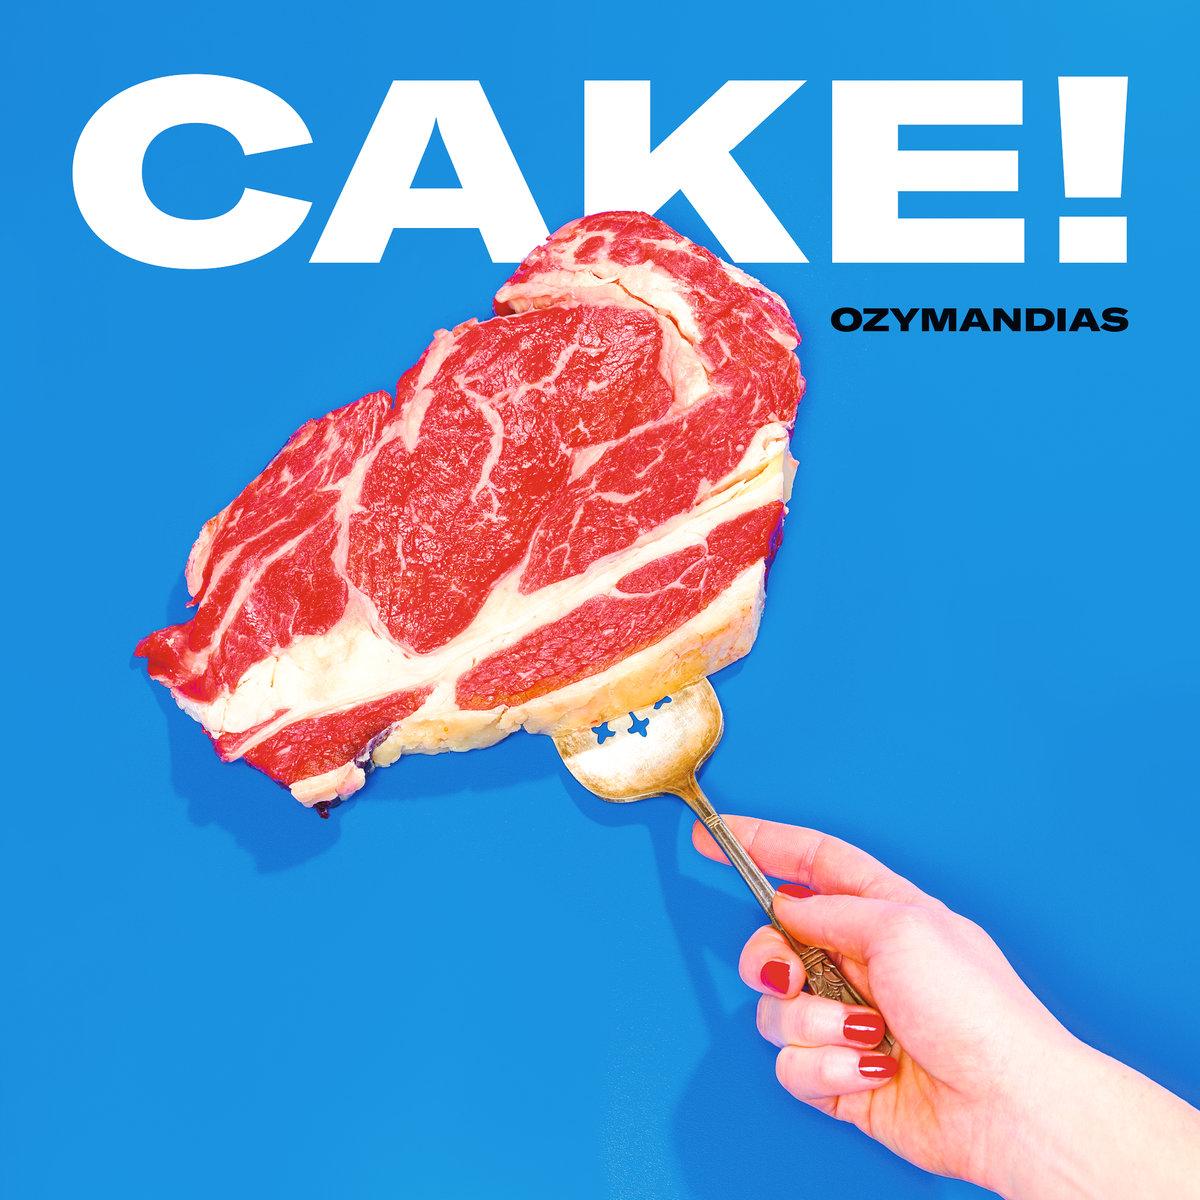 ozymandias cake